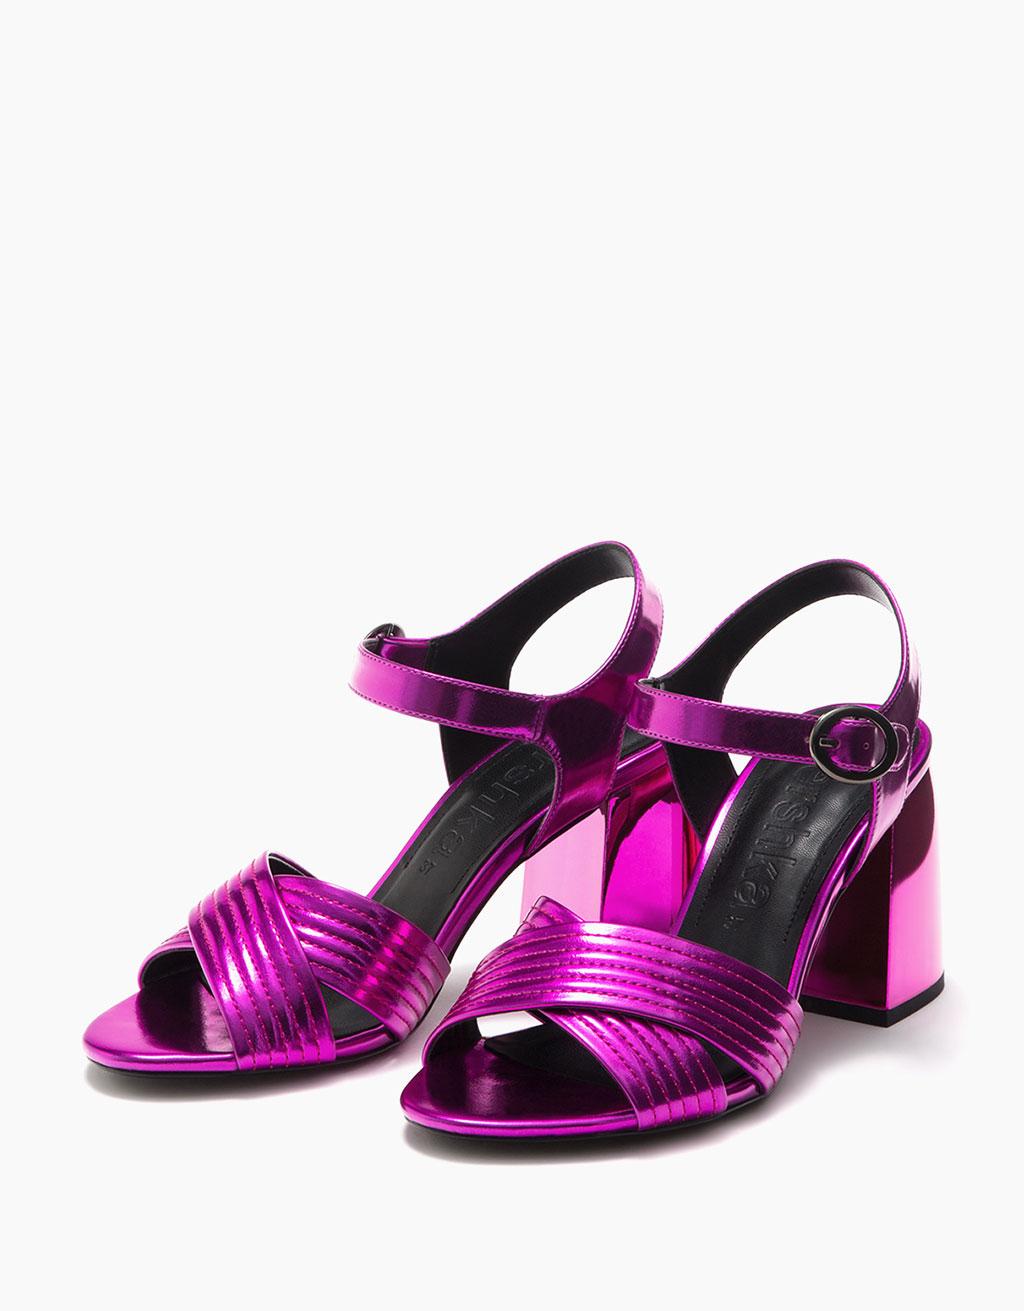 Metallic mid heel cross strap sandals